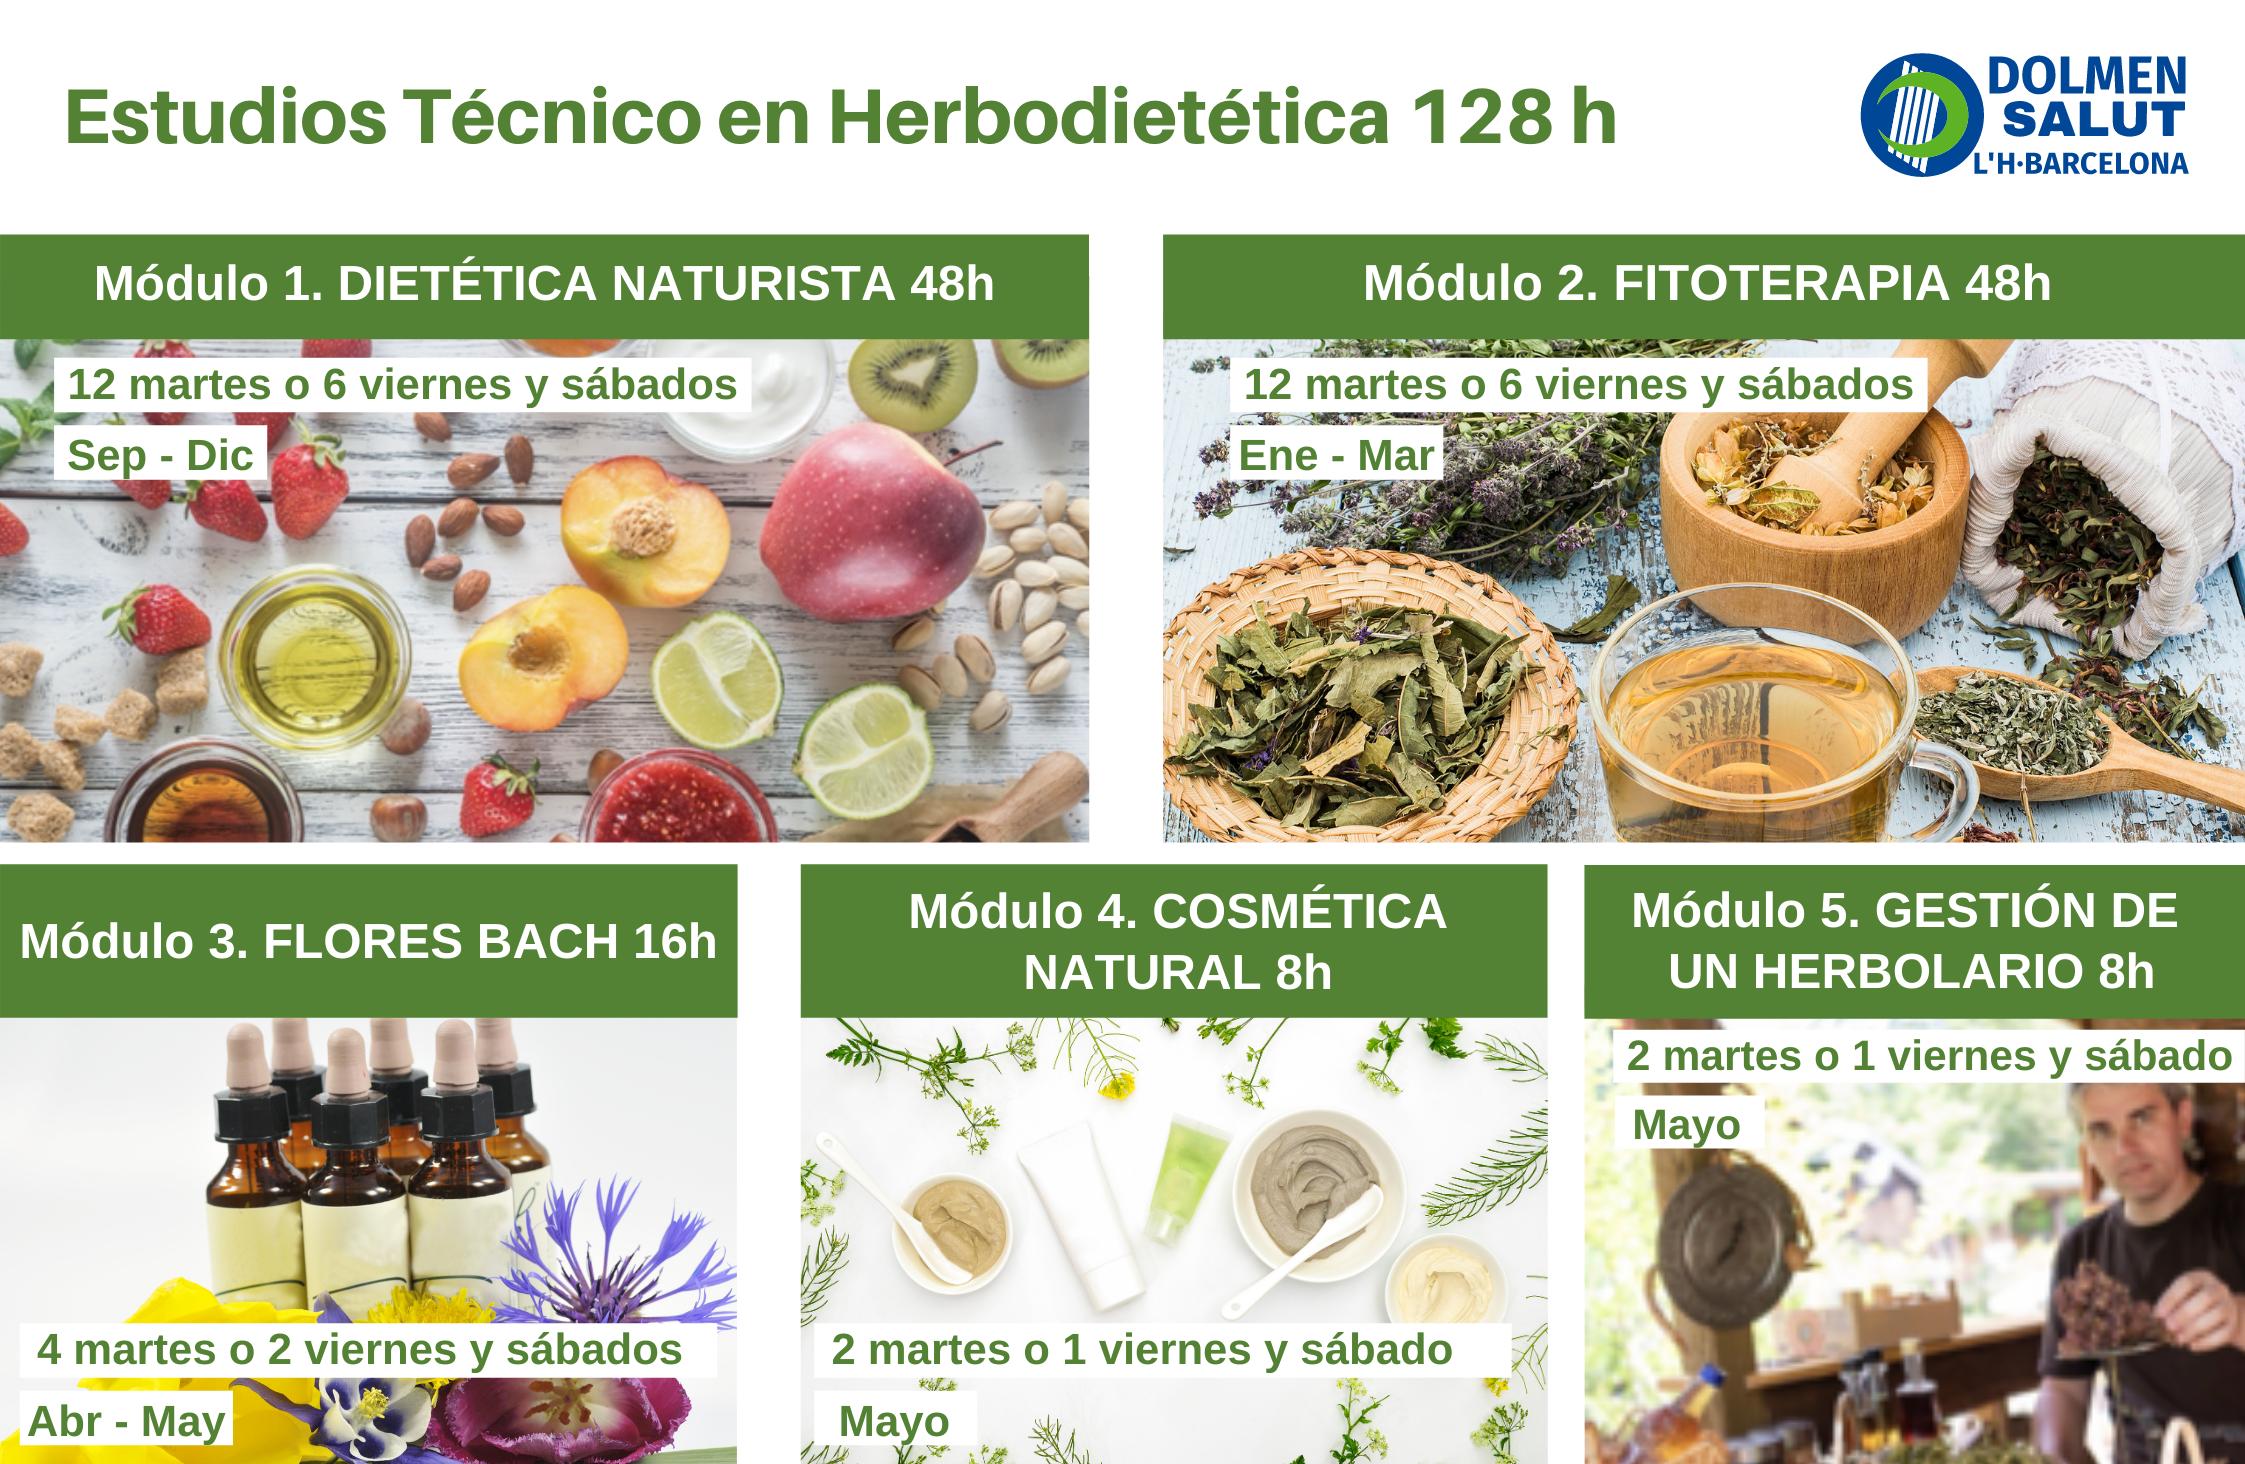 El curso de Técnico en Herbodietetica en DOLMEN SALUT Barcelona está formado por 5 módulos: Dietética Naturista, Fitoterapia, Flores de Bach, Cosmética Natural y Gestión de un Herbolario